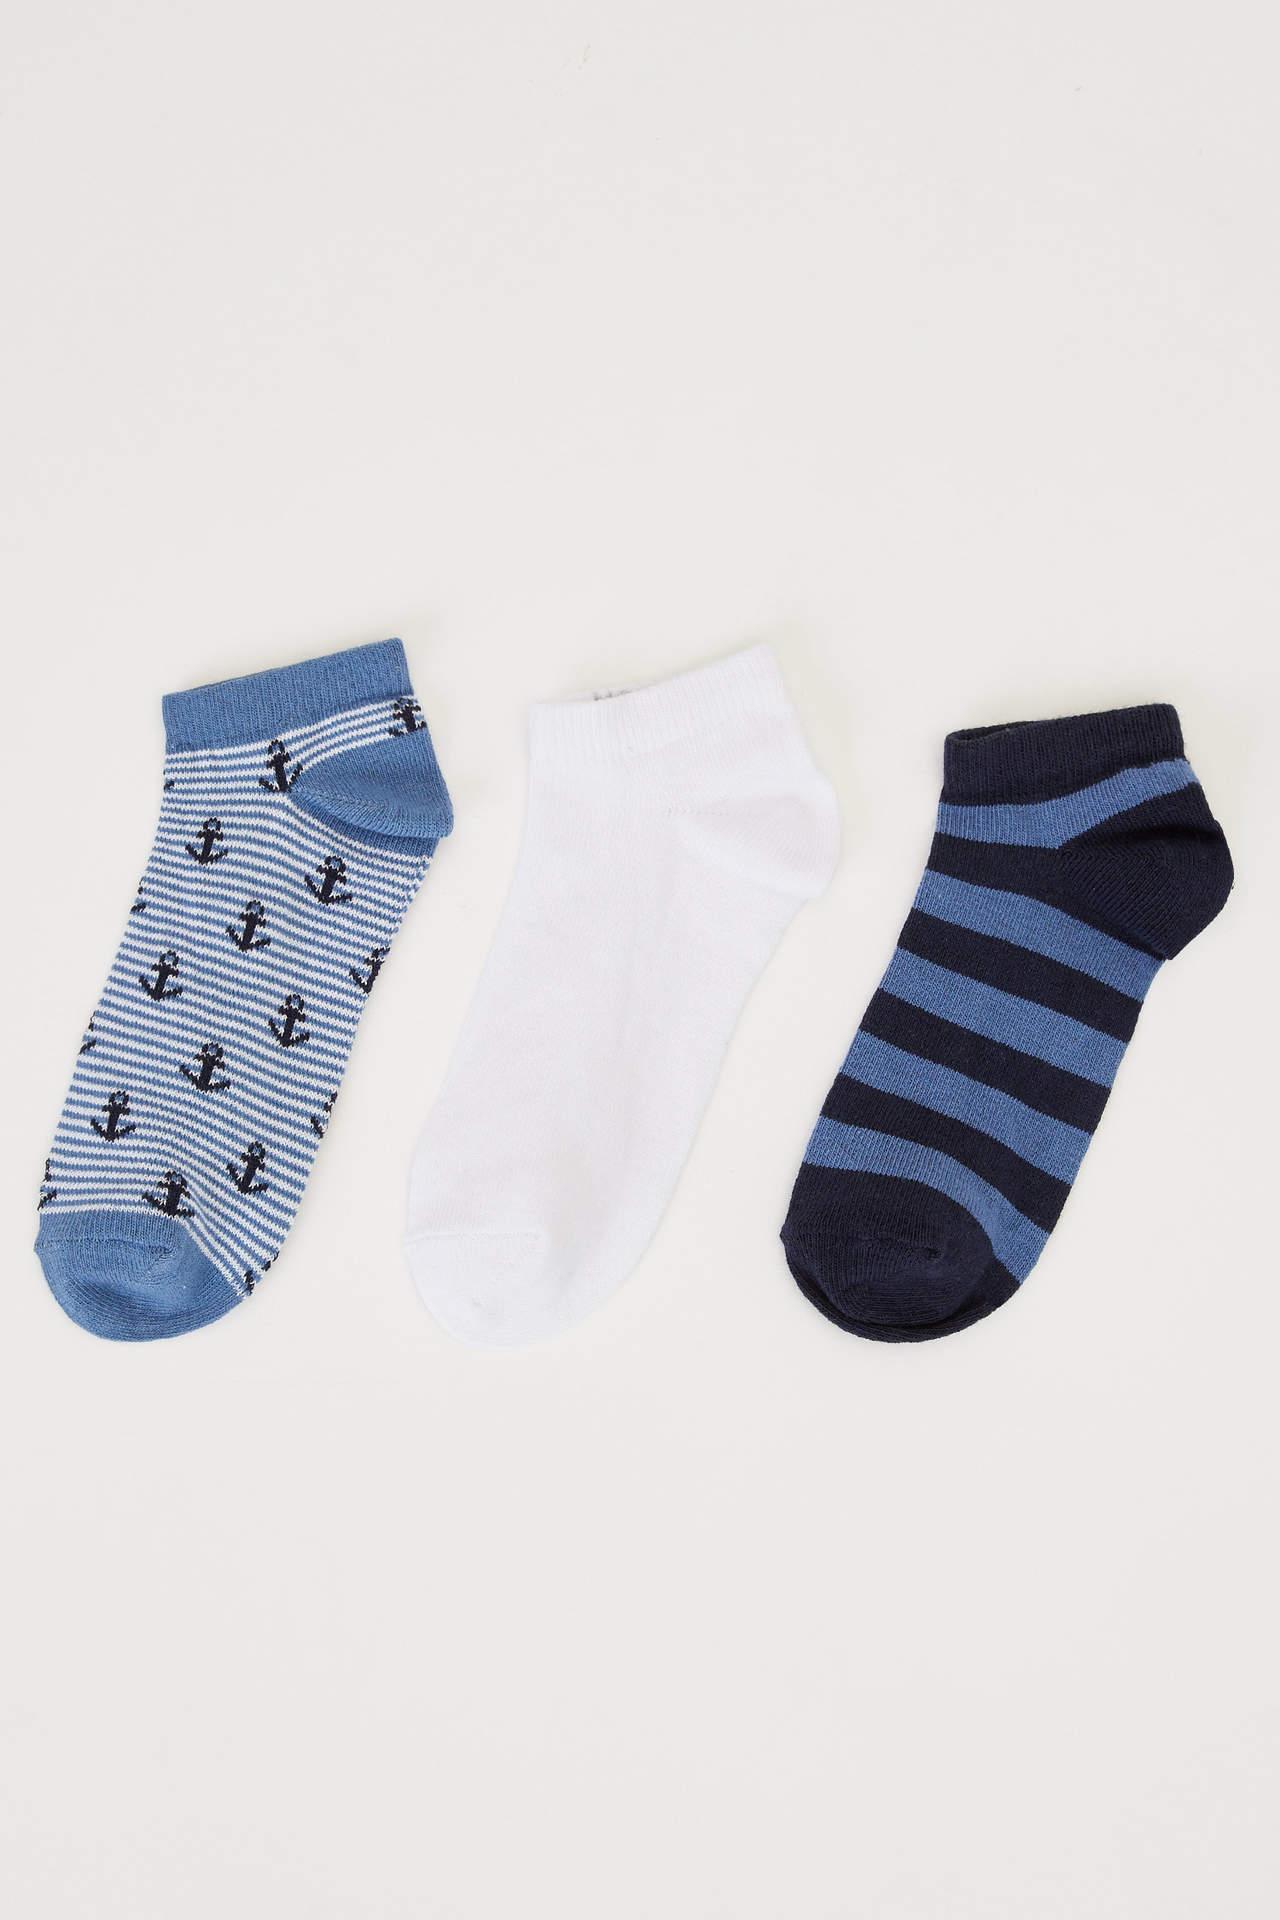 DeFacto Erkek Çocuk 3'lü Kısa Çorap Seti Lacivert male